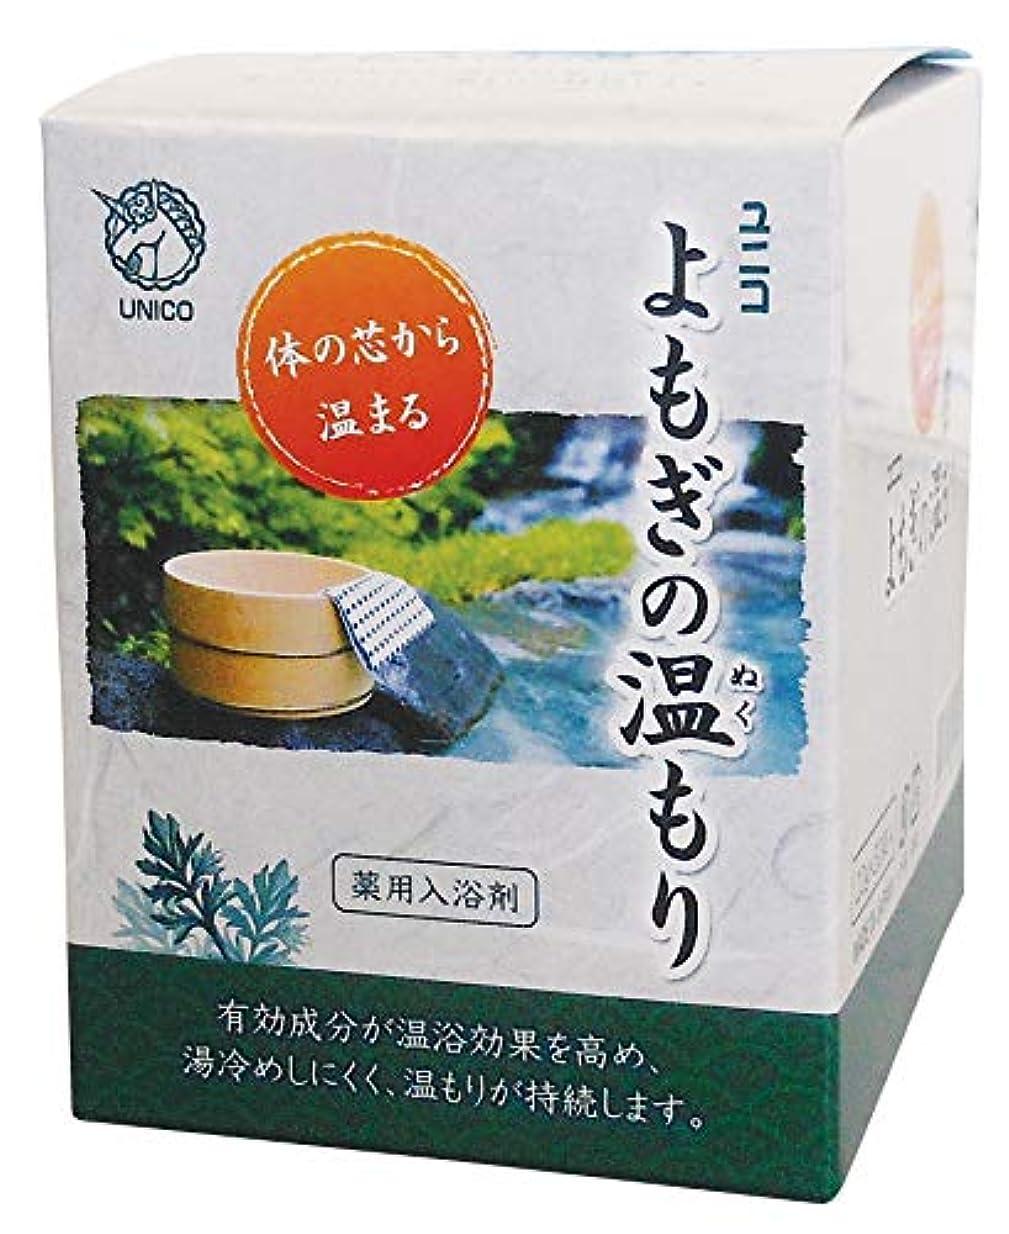 ハウス簡単な謎めいたユニコ 薬用入浴剤 よもぎの温もり 20g×30袋入